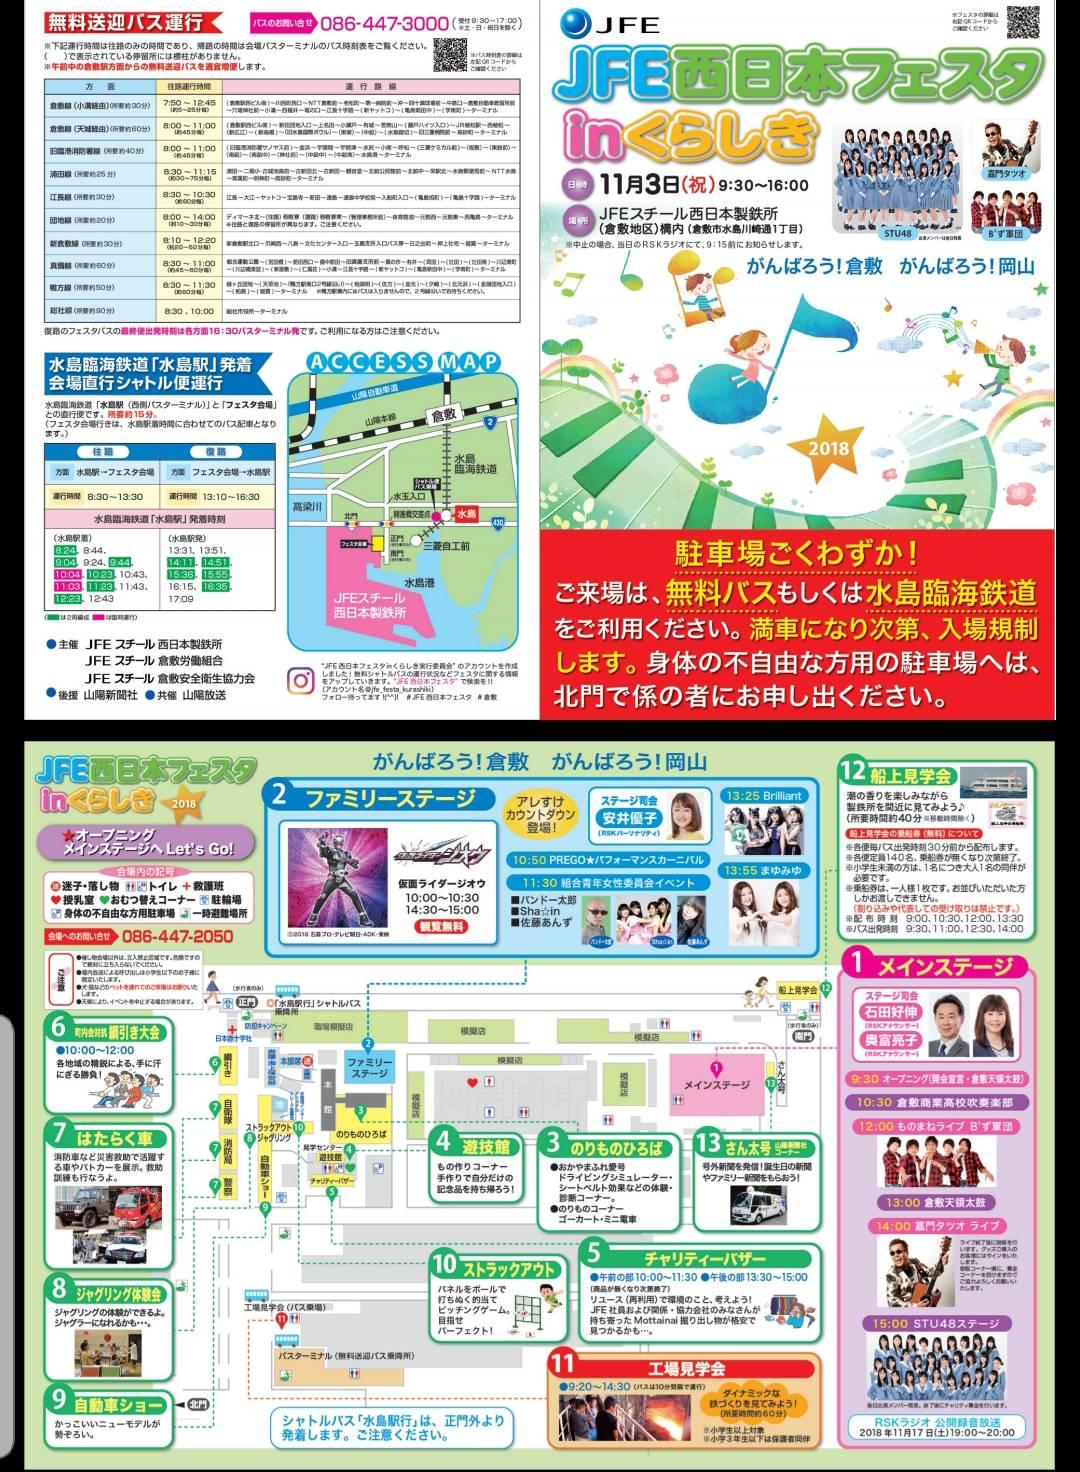 【イベント】JFE西日本フェスタinくらしき @ JEFスチール西日本製鉄所